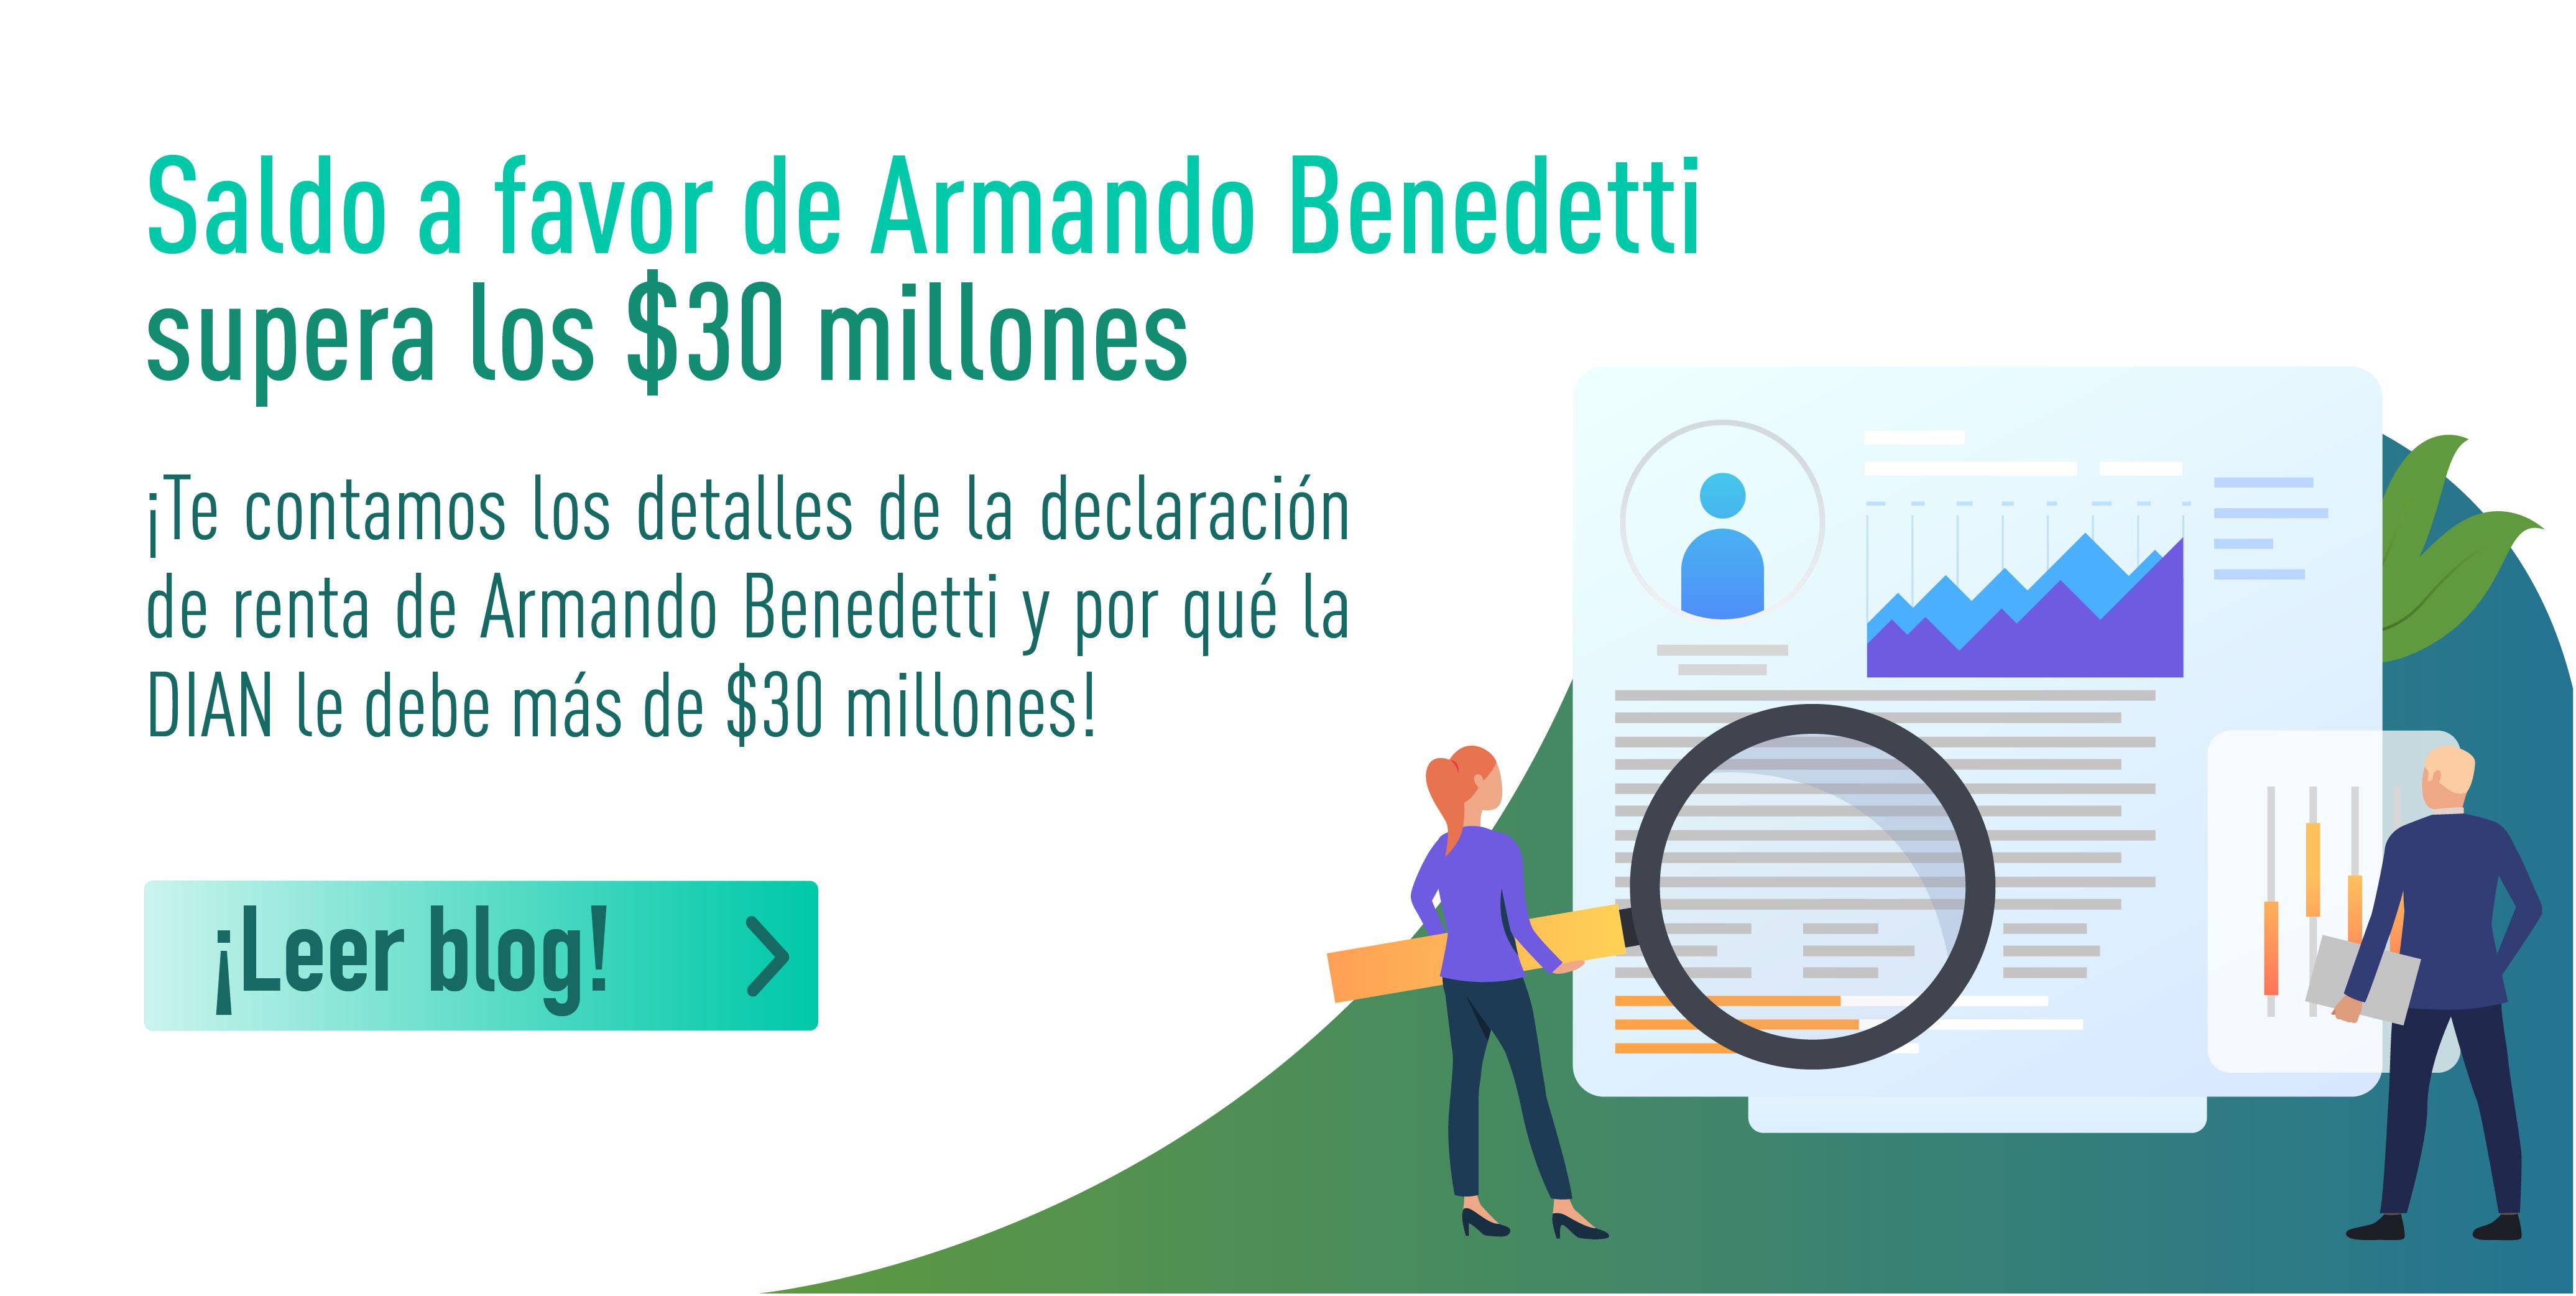 Saldo a favor de Armando Benedetti supera los $30 millones